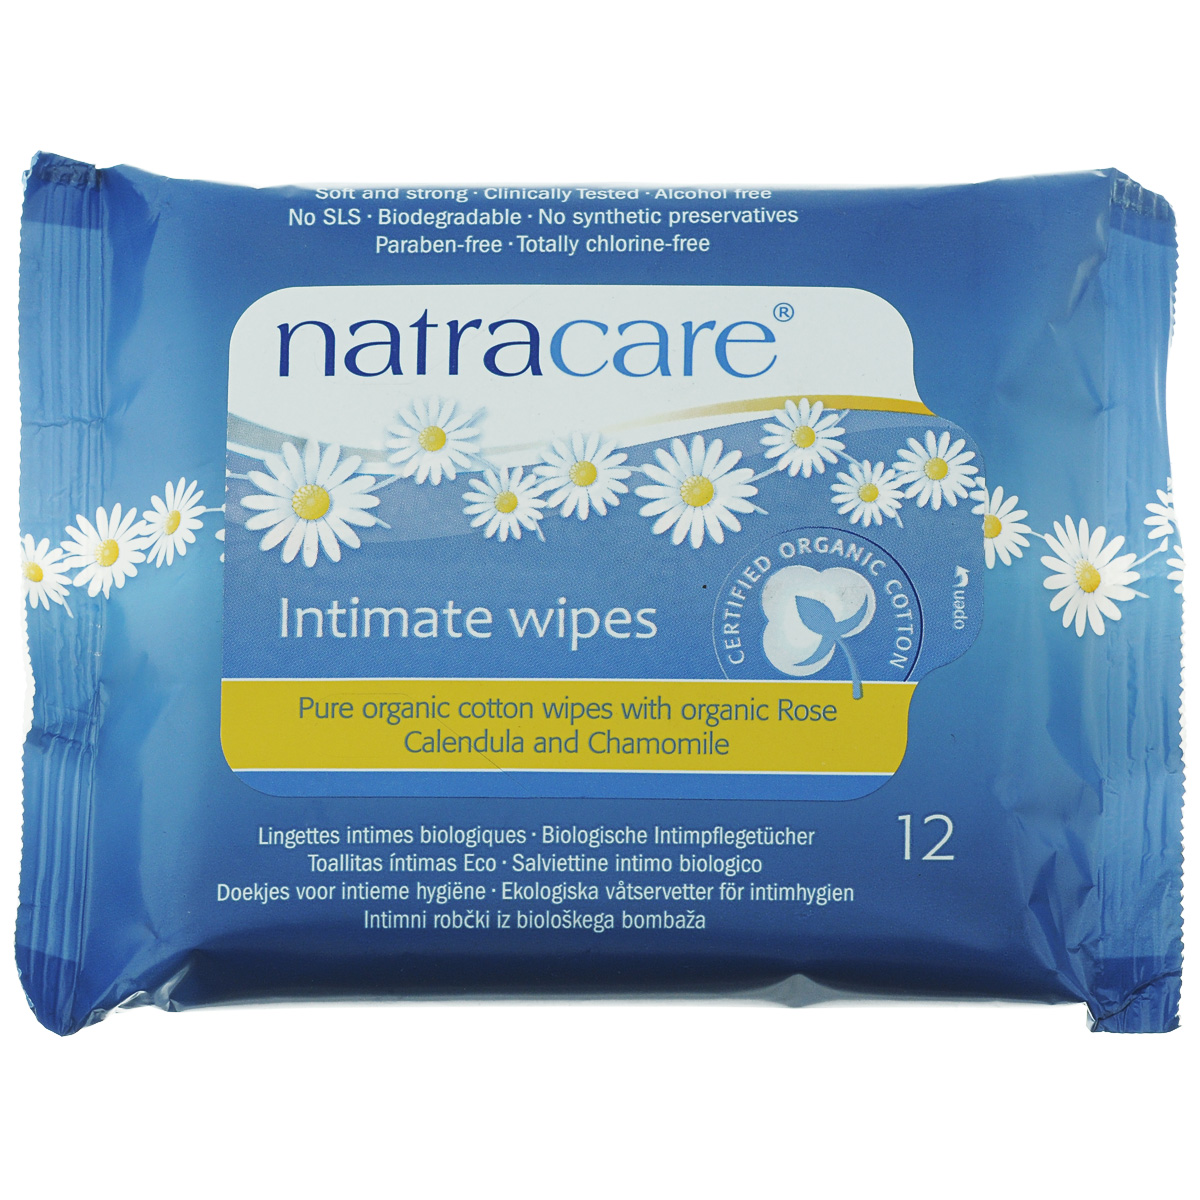 Влажные очищающие салфетки Natracare Organic Cotton для интимной гигиены, 12 штSatin Hair 7 BR730MNВлажные очищающие салфетки Natracare Organic Cotton предназначены для ежедневной интимной гигиены, будут необходимы во время путешествий.Салфетки, обогащенные Био эфирными маслами, изготовлены из 100% Био-хлопка, не содержат вредные ингредиенты, не отбелены хлором, и полностью разлагаются после применения. Мягкие, прочные и клинически протестированные салфетки Natracare Organic Cotton очищают и освежают, оставляя кожу мягкой. Характеристики: Состав: 100% БИО-хлопок, эфирные масла Био-ромашки и Био-календулы, глицерин. Количество салфеток: 12 шт. Размер упаковки: 14 см х 10,5 см х 2 см. Производитель: Великобритания. Изготовитель: Греция. Артикул: 782126200150. Товар сертифицирован. Компания Bodywise была создана в Великобритании в 1989 году. На сегодняшний день она имеет представительства более чем в 40 странах мира.Компания Bodywise предлагает экологически чистые гигиенические средства для женщин.Серия Natracare представляет более 20 наименований средств персональной гигиены высокого качества. Женские гигиенические средства Natracare были созданы Сюзи Хьюсон в 1989 году в результате обеспокоенности разрушающим эффектом, который оказывает загрязнение диоксинами на здоровье женщин. На сегодняшний день разработан большой диапазон по-настоящему био и натуральных продуктов для женщин и детей. Продукция Natracare является продукцией, рекомендованной врачами-гинекологами.